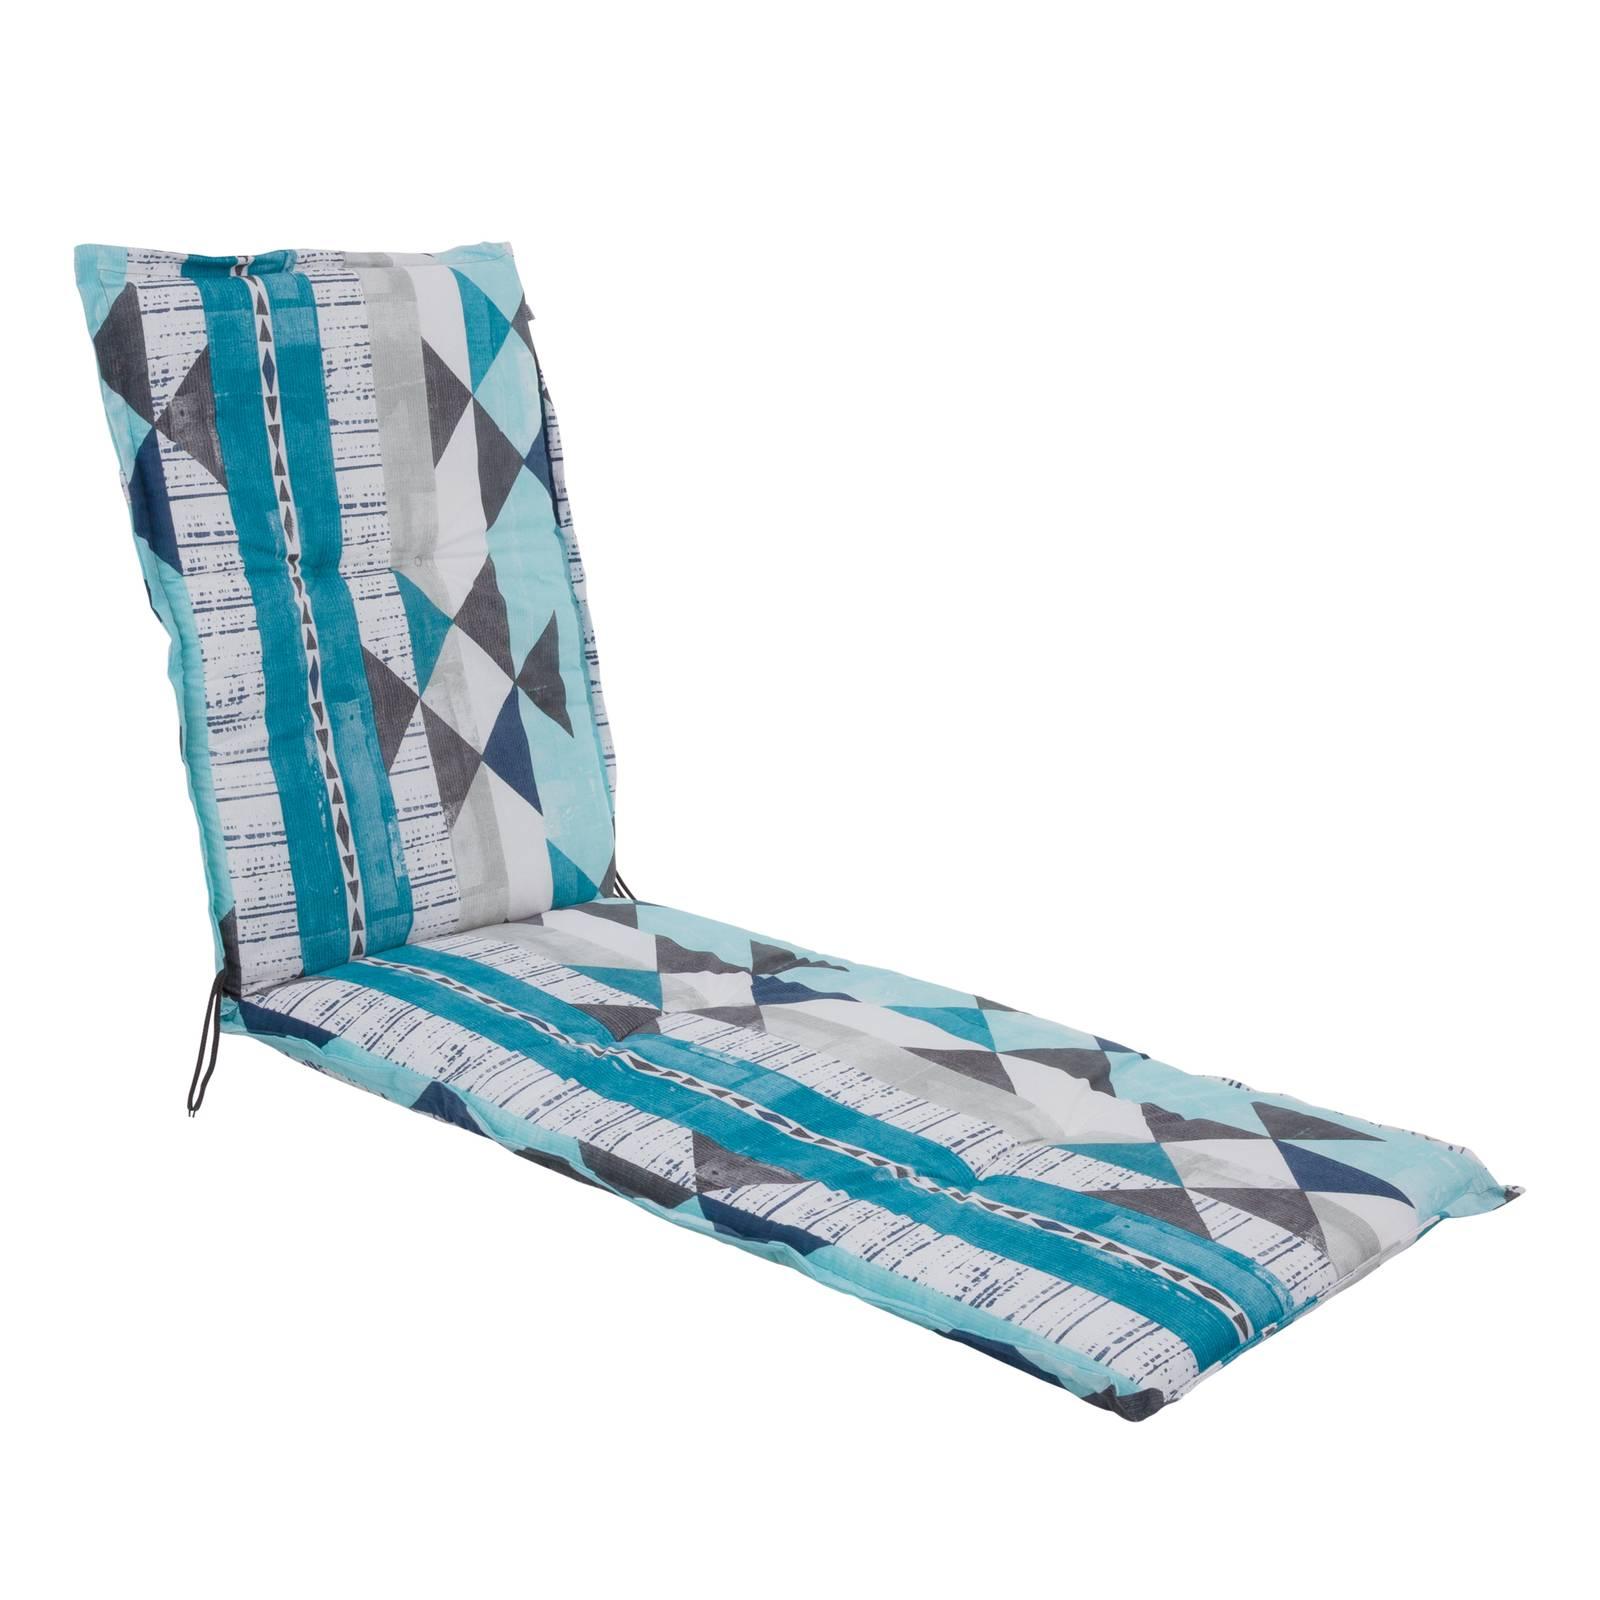 Poduszka na leżak / łóżko Malezja Liege 5 cm H014-11PB PATIO